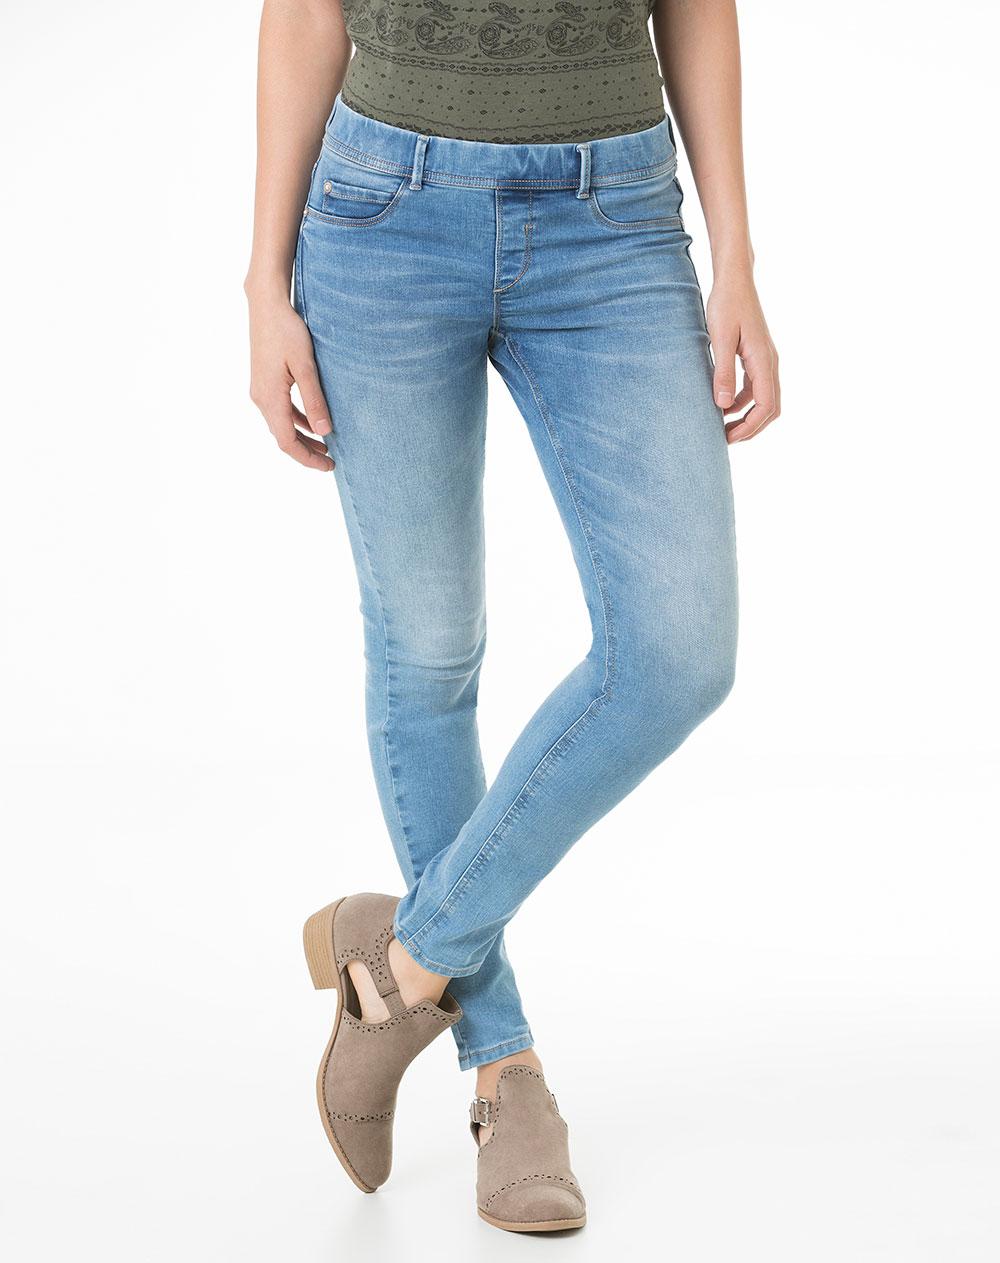 MUJER - COLECCIÓN - Pantalones - Ver todo en Massimo Dutti online. Entre ahora y descubra nuestra colección de Pantalones de Primavera Verano ¡Elegancia natural!